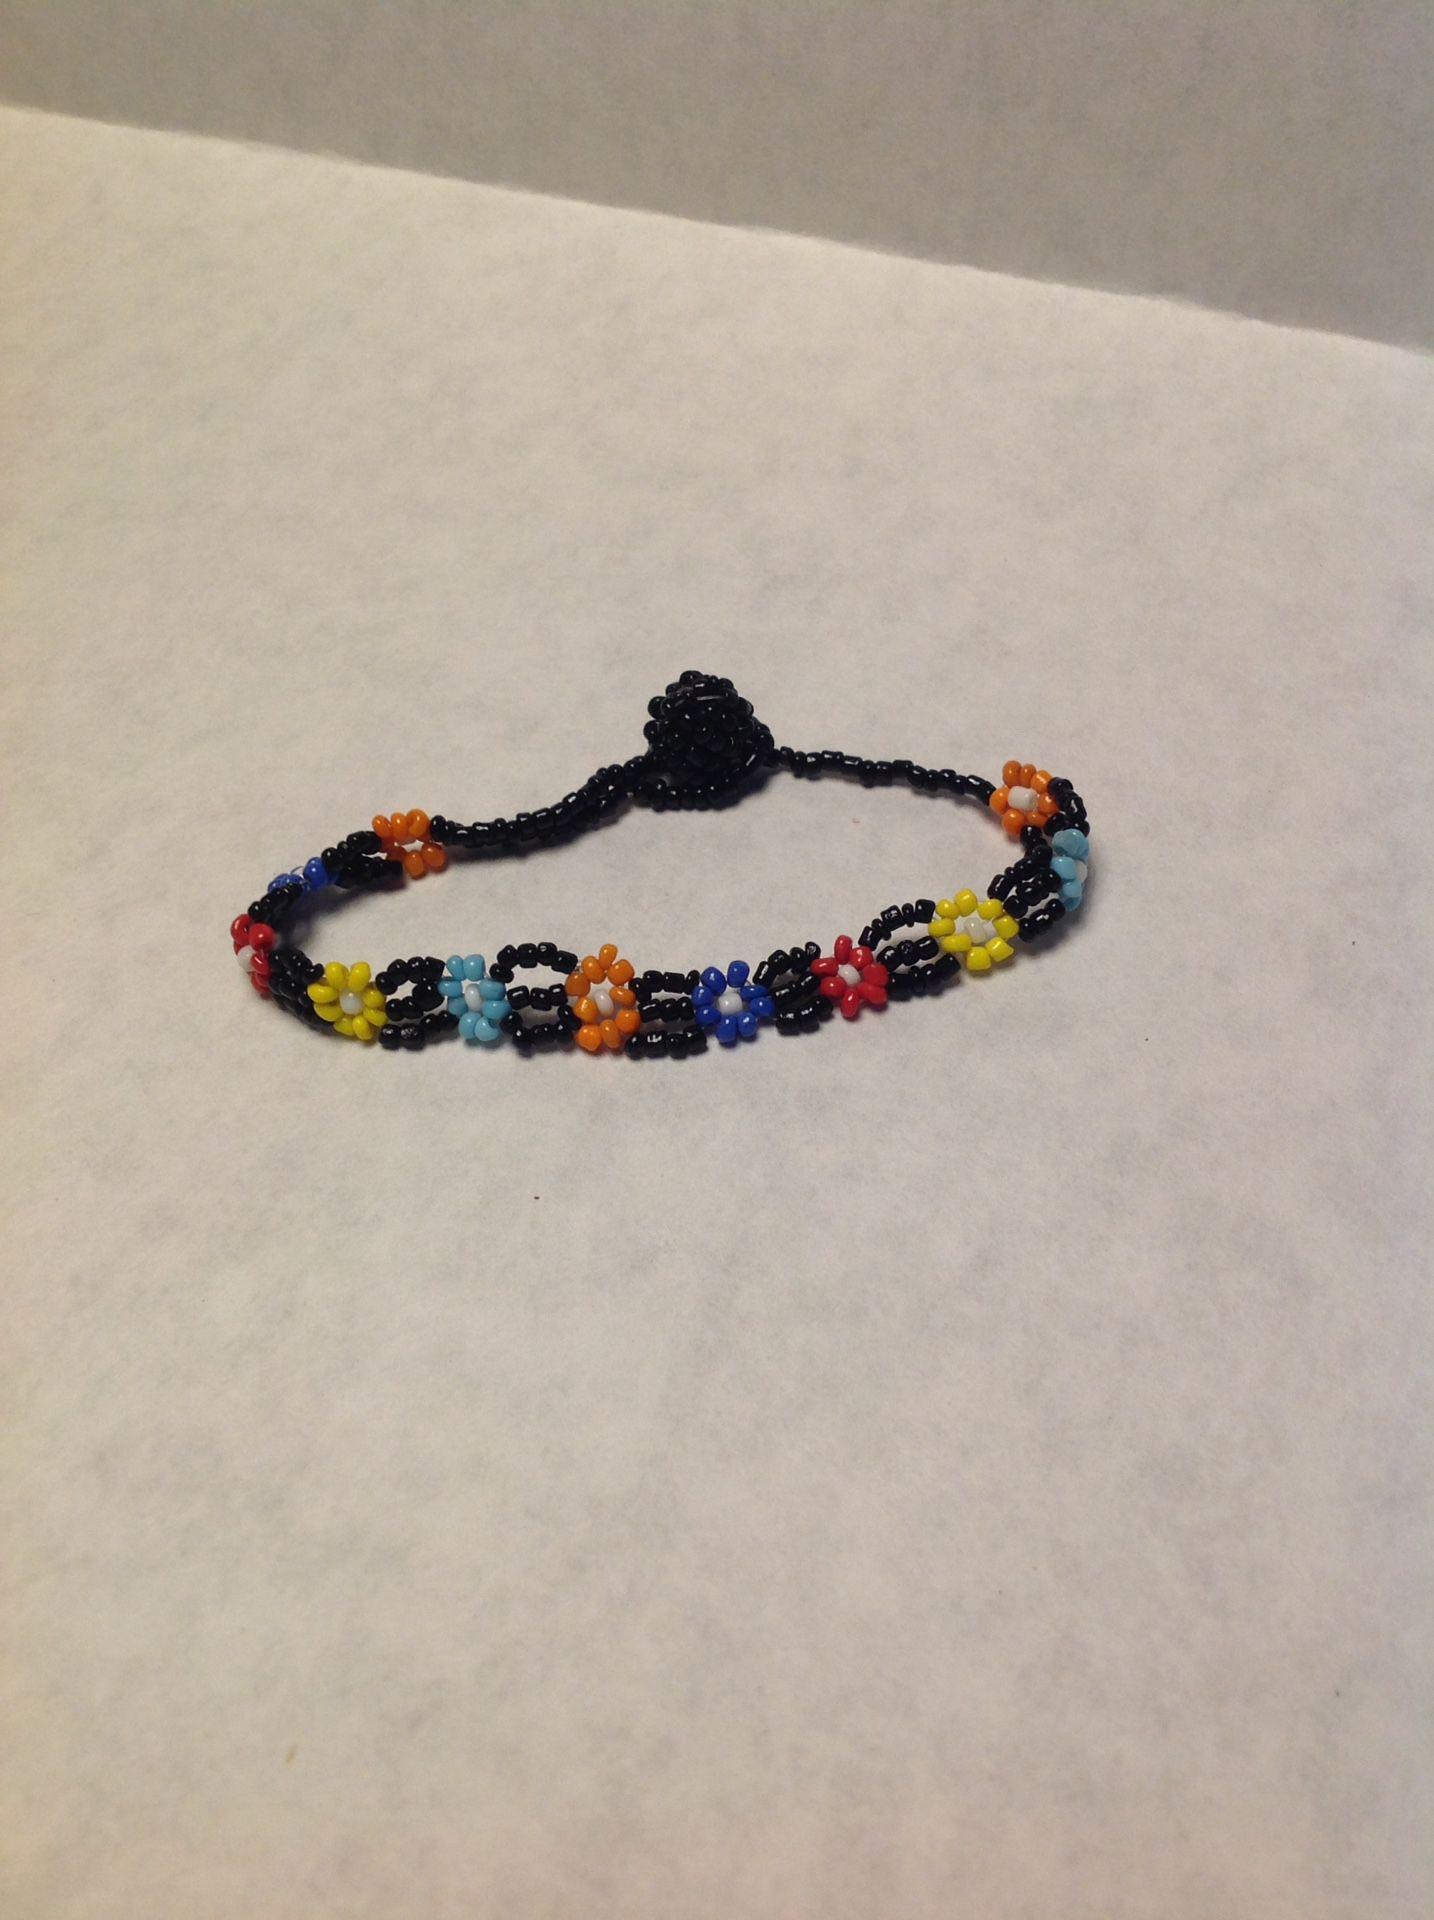 Daisy Beaded Bracelet Or Anklet